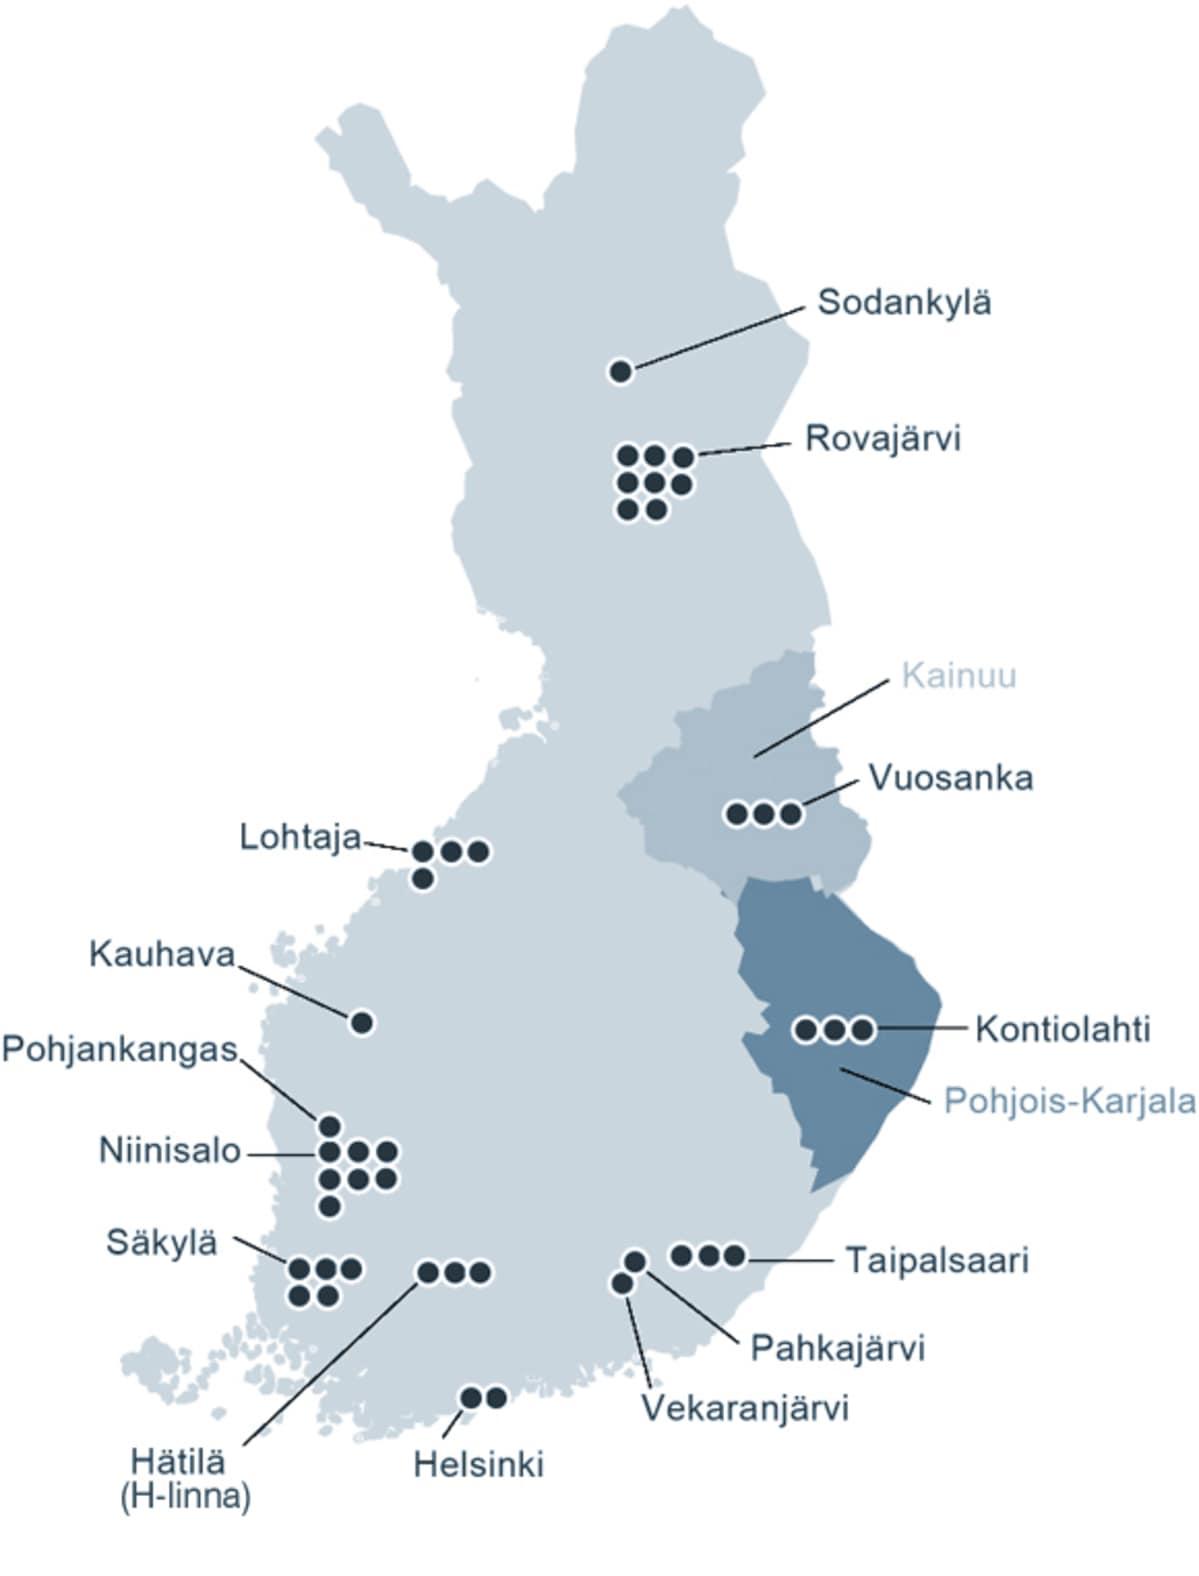 Suomen kartta, johon merkitty sotaharjoitukset.